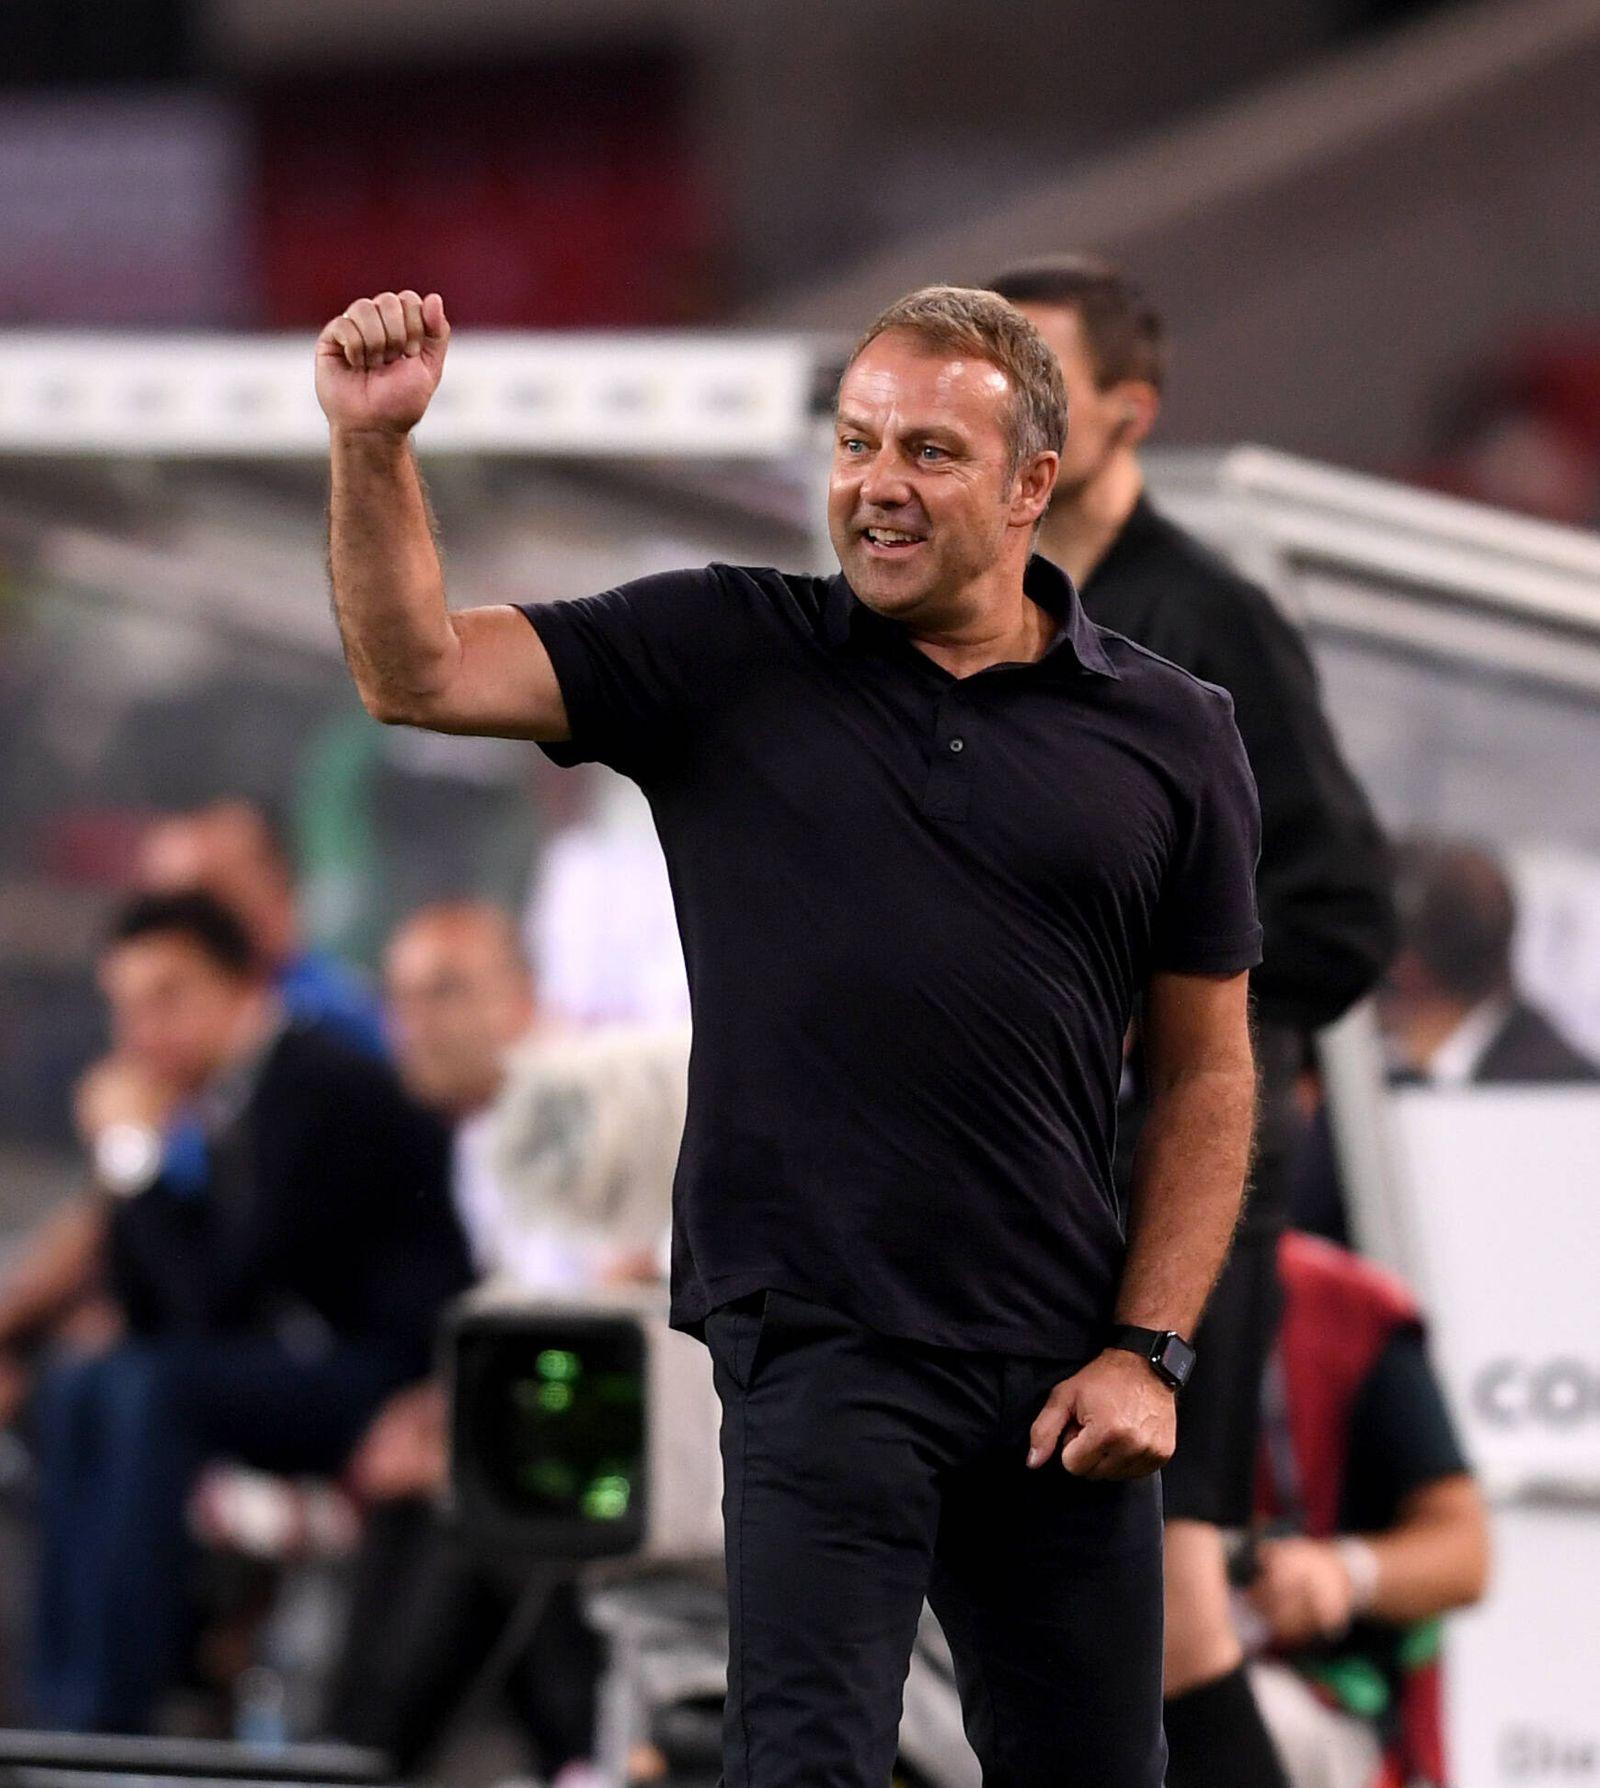 FUSSBALL INTERNATIONAL QUALIFIKATION WM 2022 Katar in Stuttgart Gruppe J Deutschland - Armenien 05.09.2021 Bundestraine